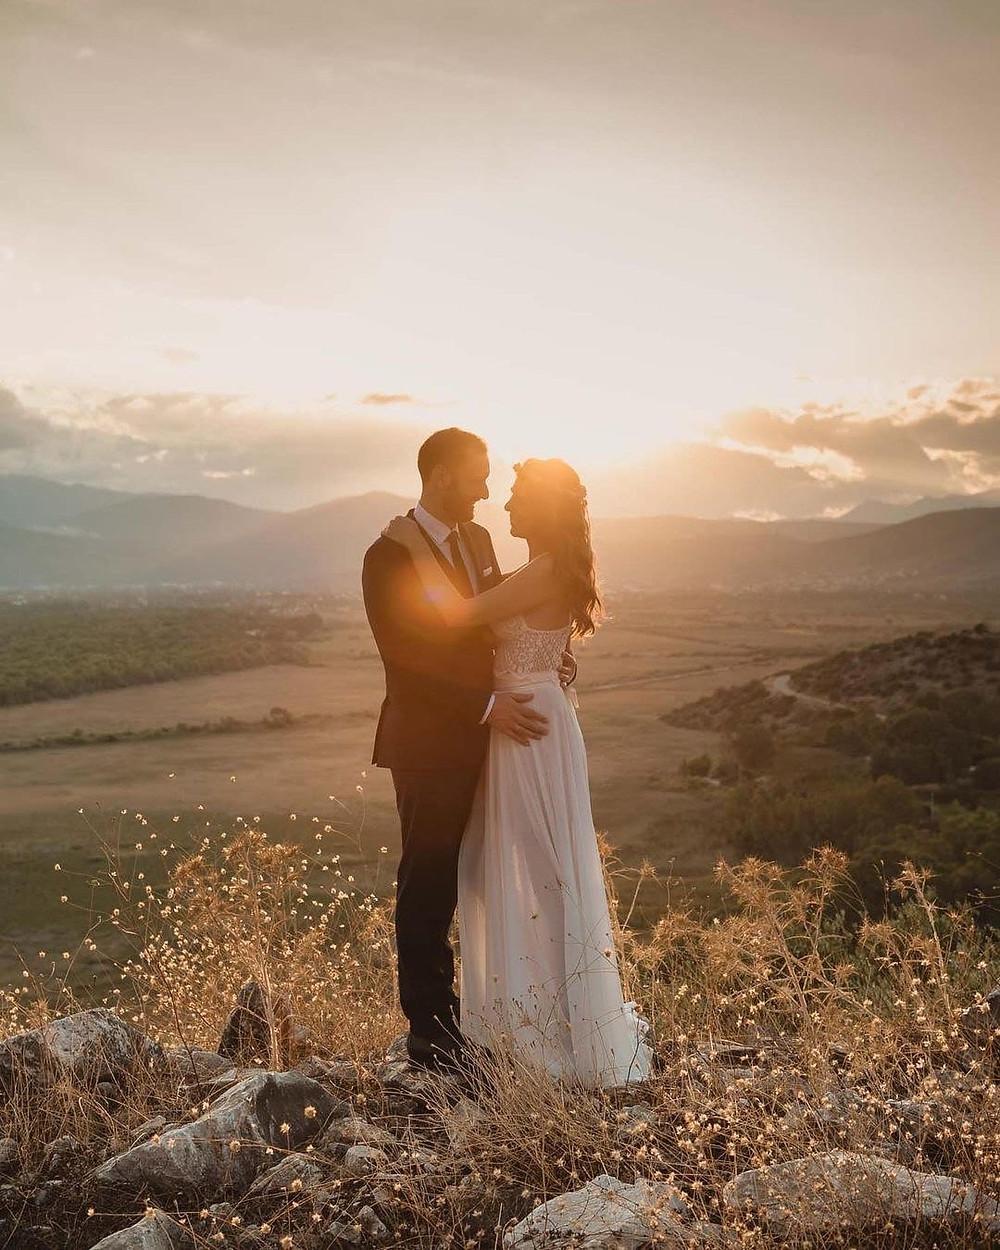 Φωτογράφιση στη Δύση του Ηλίου στην περιοχή Σχινιά του Μαραθώνα